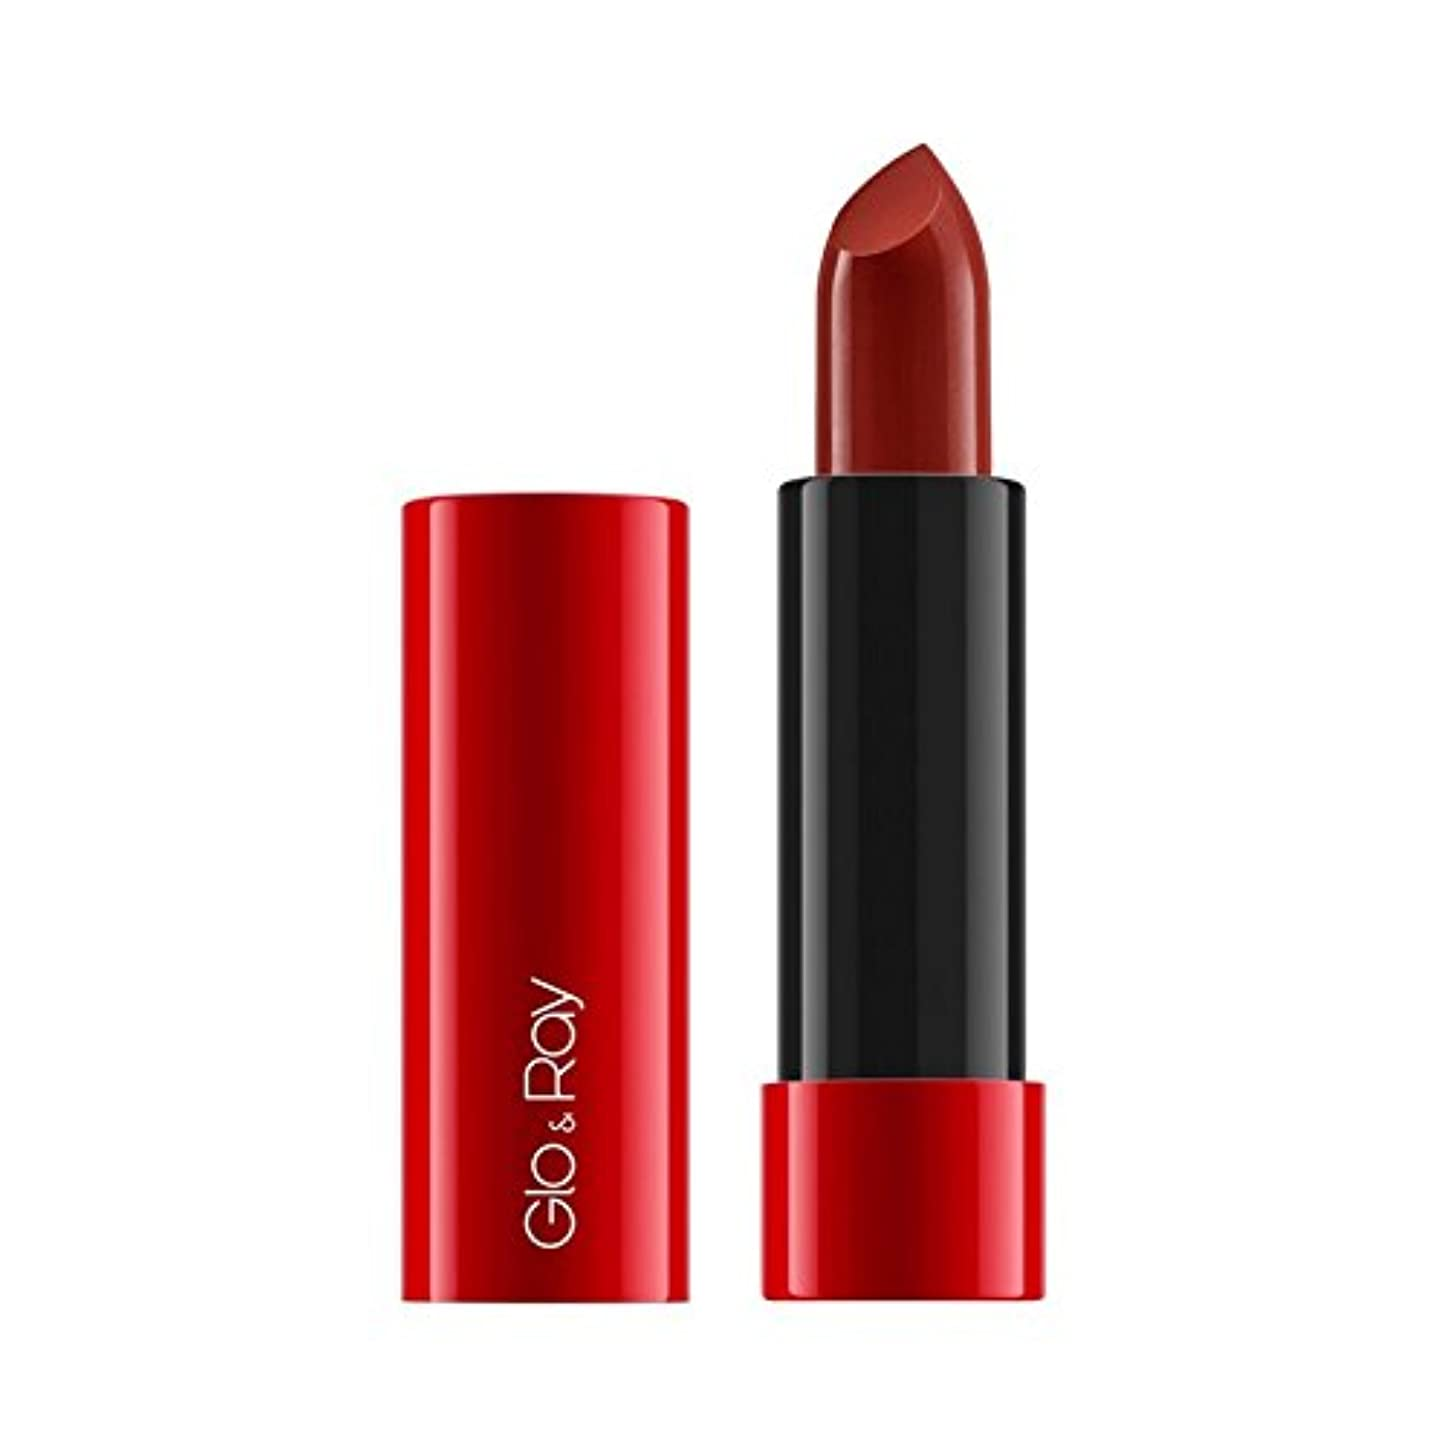 重力悪因子ブルジョン&謎の光線ラクリーミーマットリップカラー640 x4 - Glo & Ray La Amo Creamy Matte Lip Colour Mysterious 640 (Pack of 4) [並行輸入品]